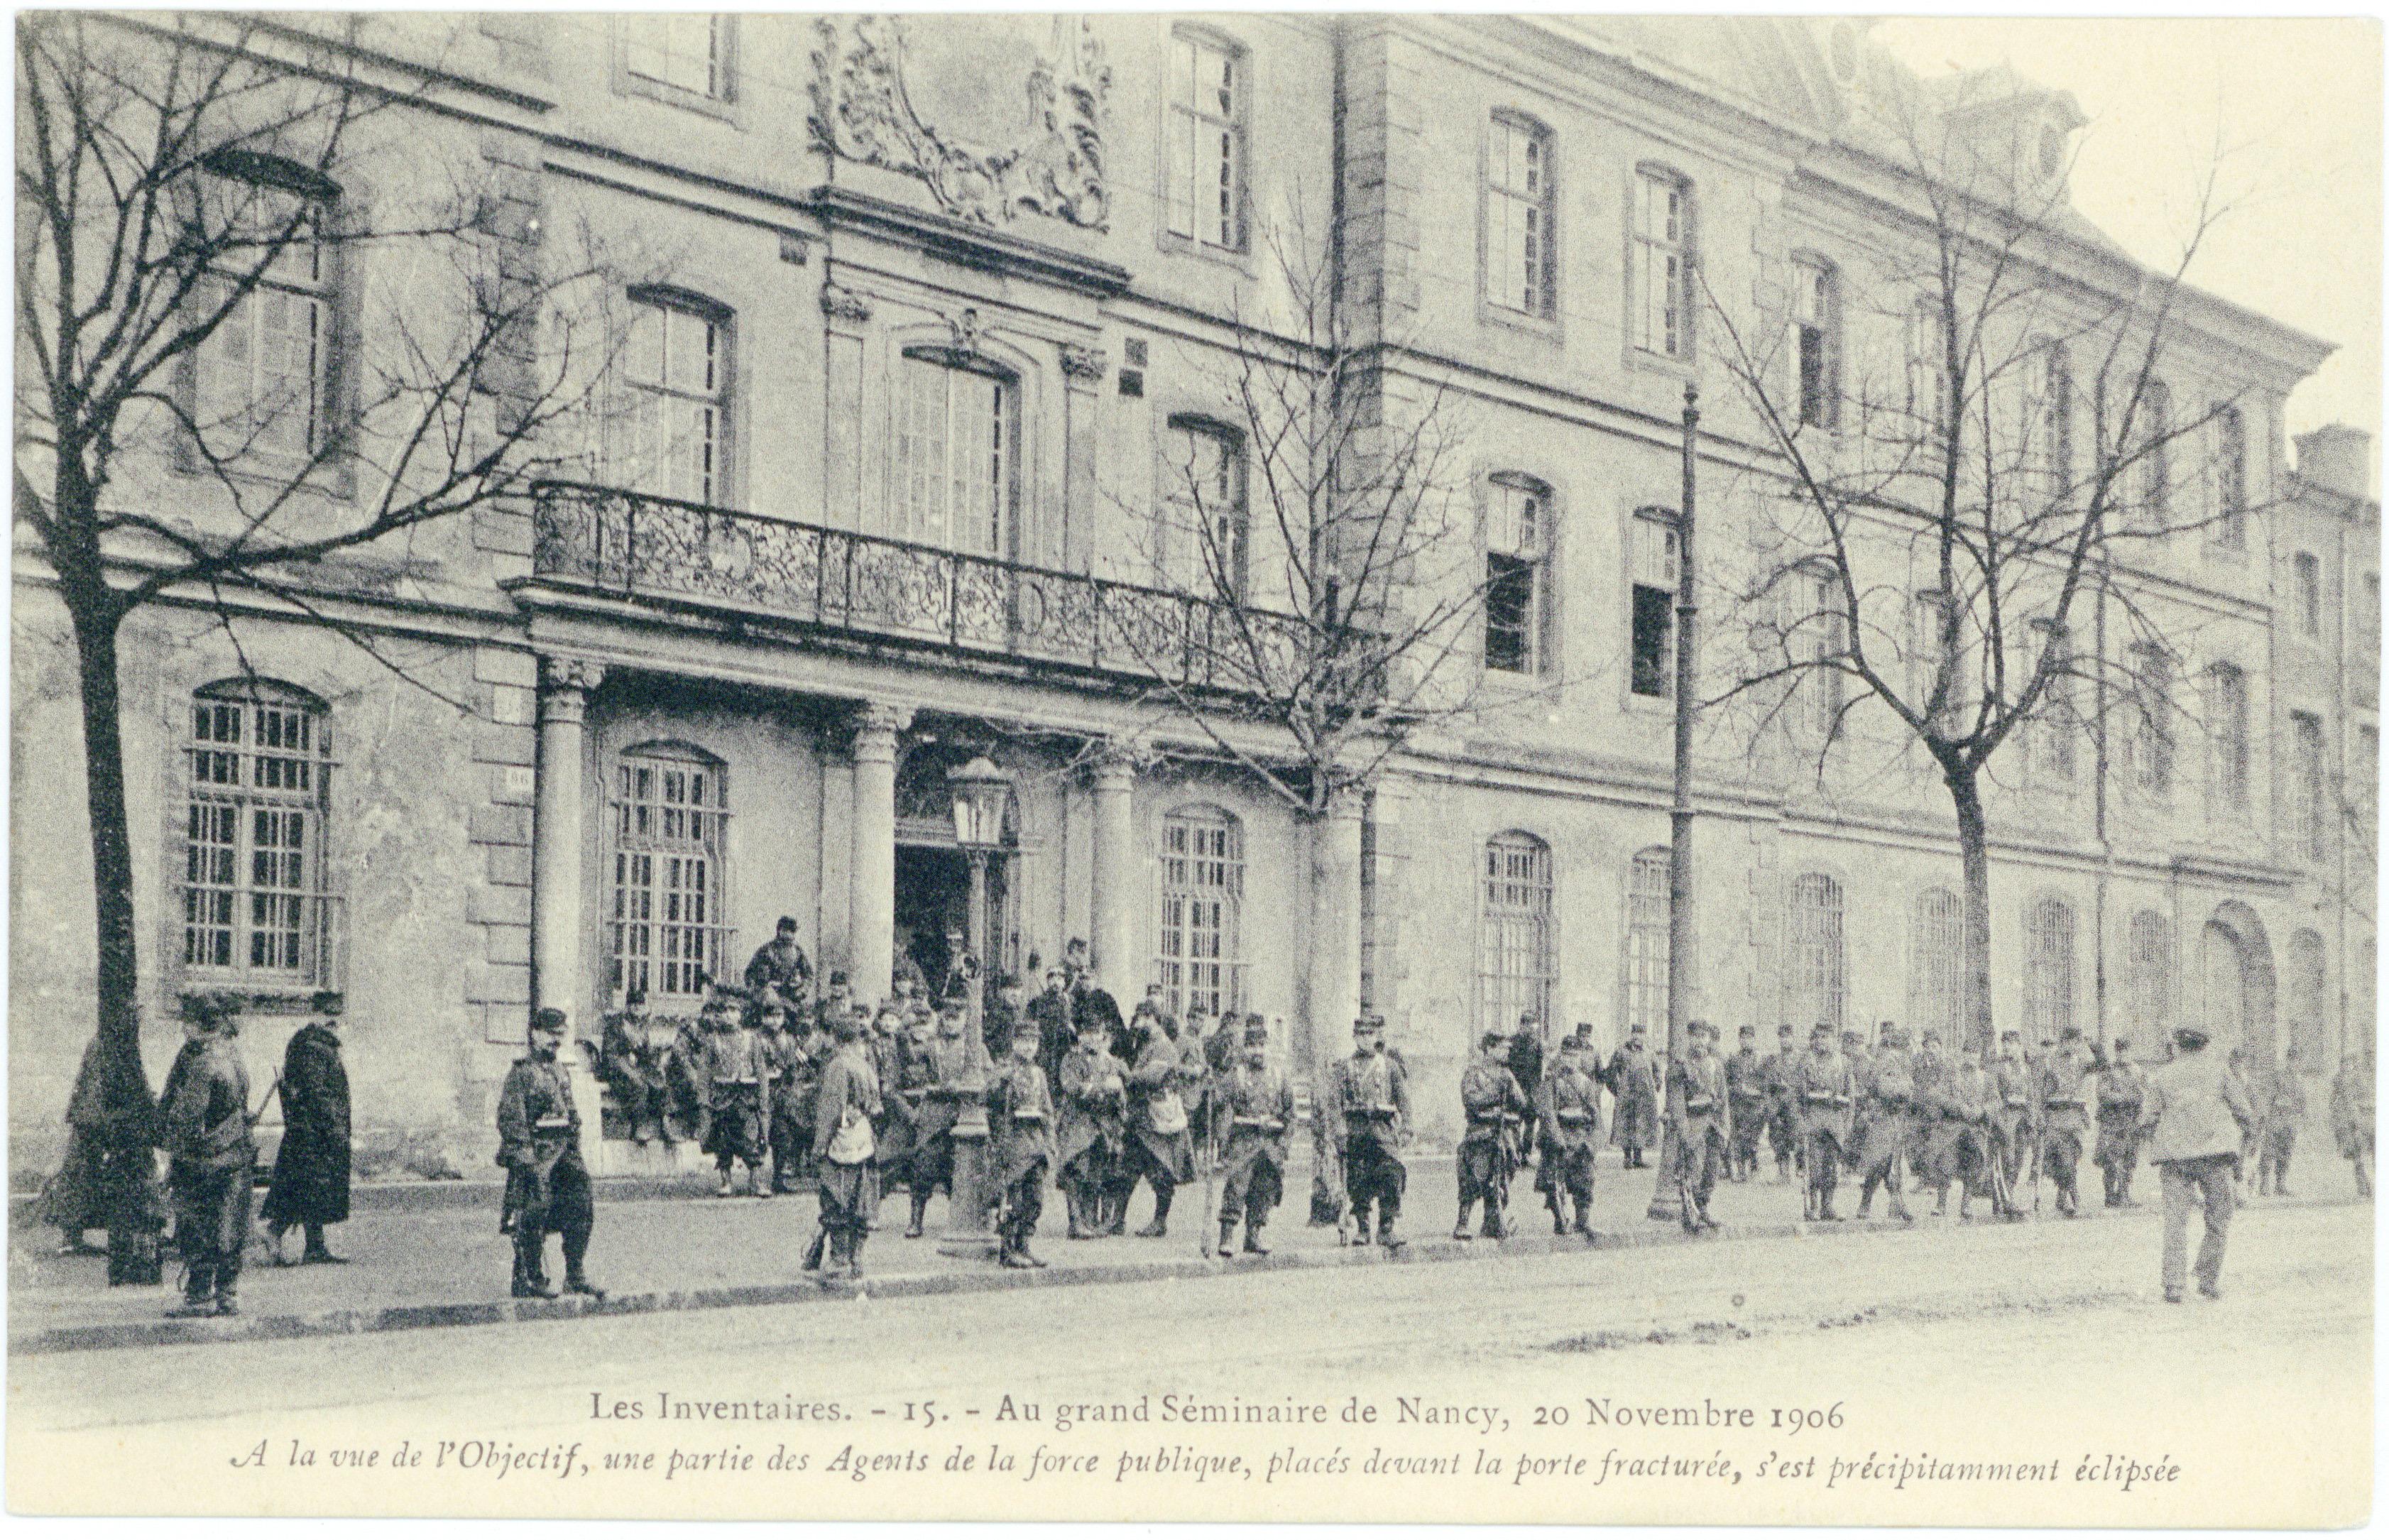 Contenu du Au grand Séminaire de Nancy, 20 novembre 1906 : à la vue de l'objectif, une partie des agents de la force publique, placés devant la porte fracturés, s'est précipitamment éclipsée : les inventaires